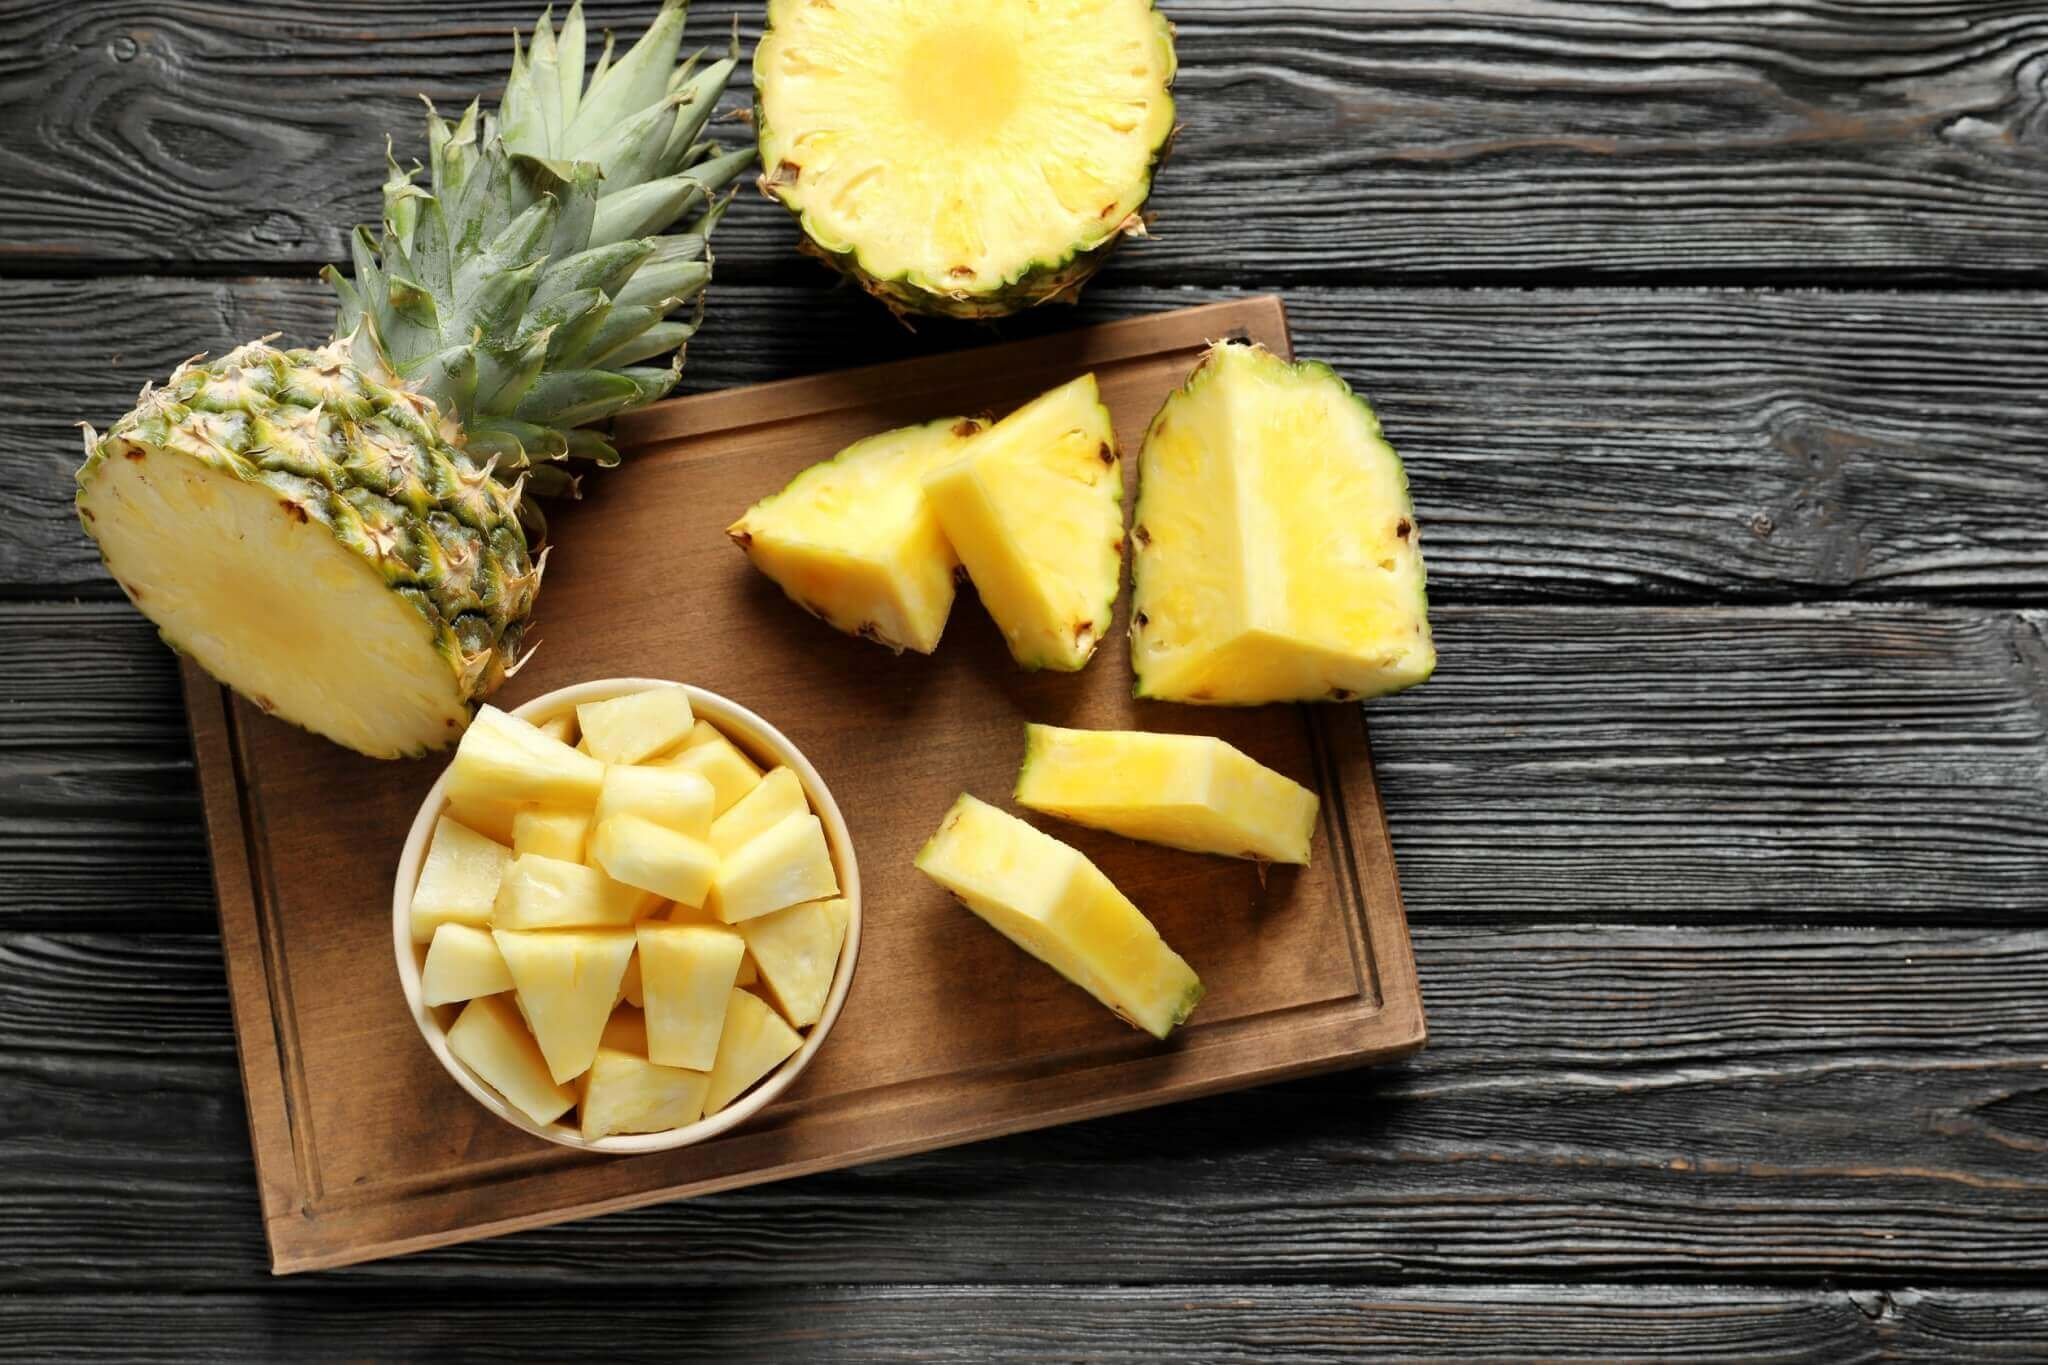 ผลไม้หน้าร้อน สับปะรด